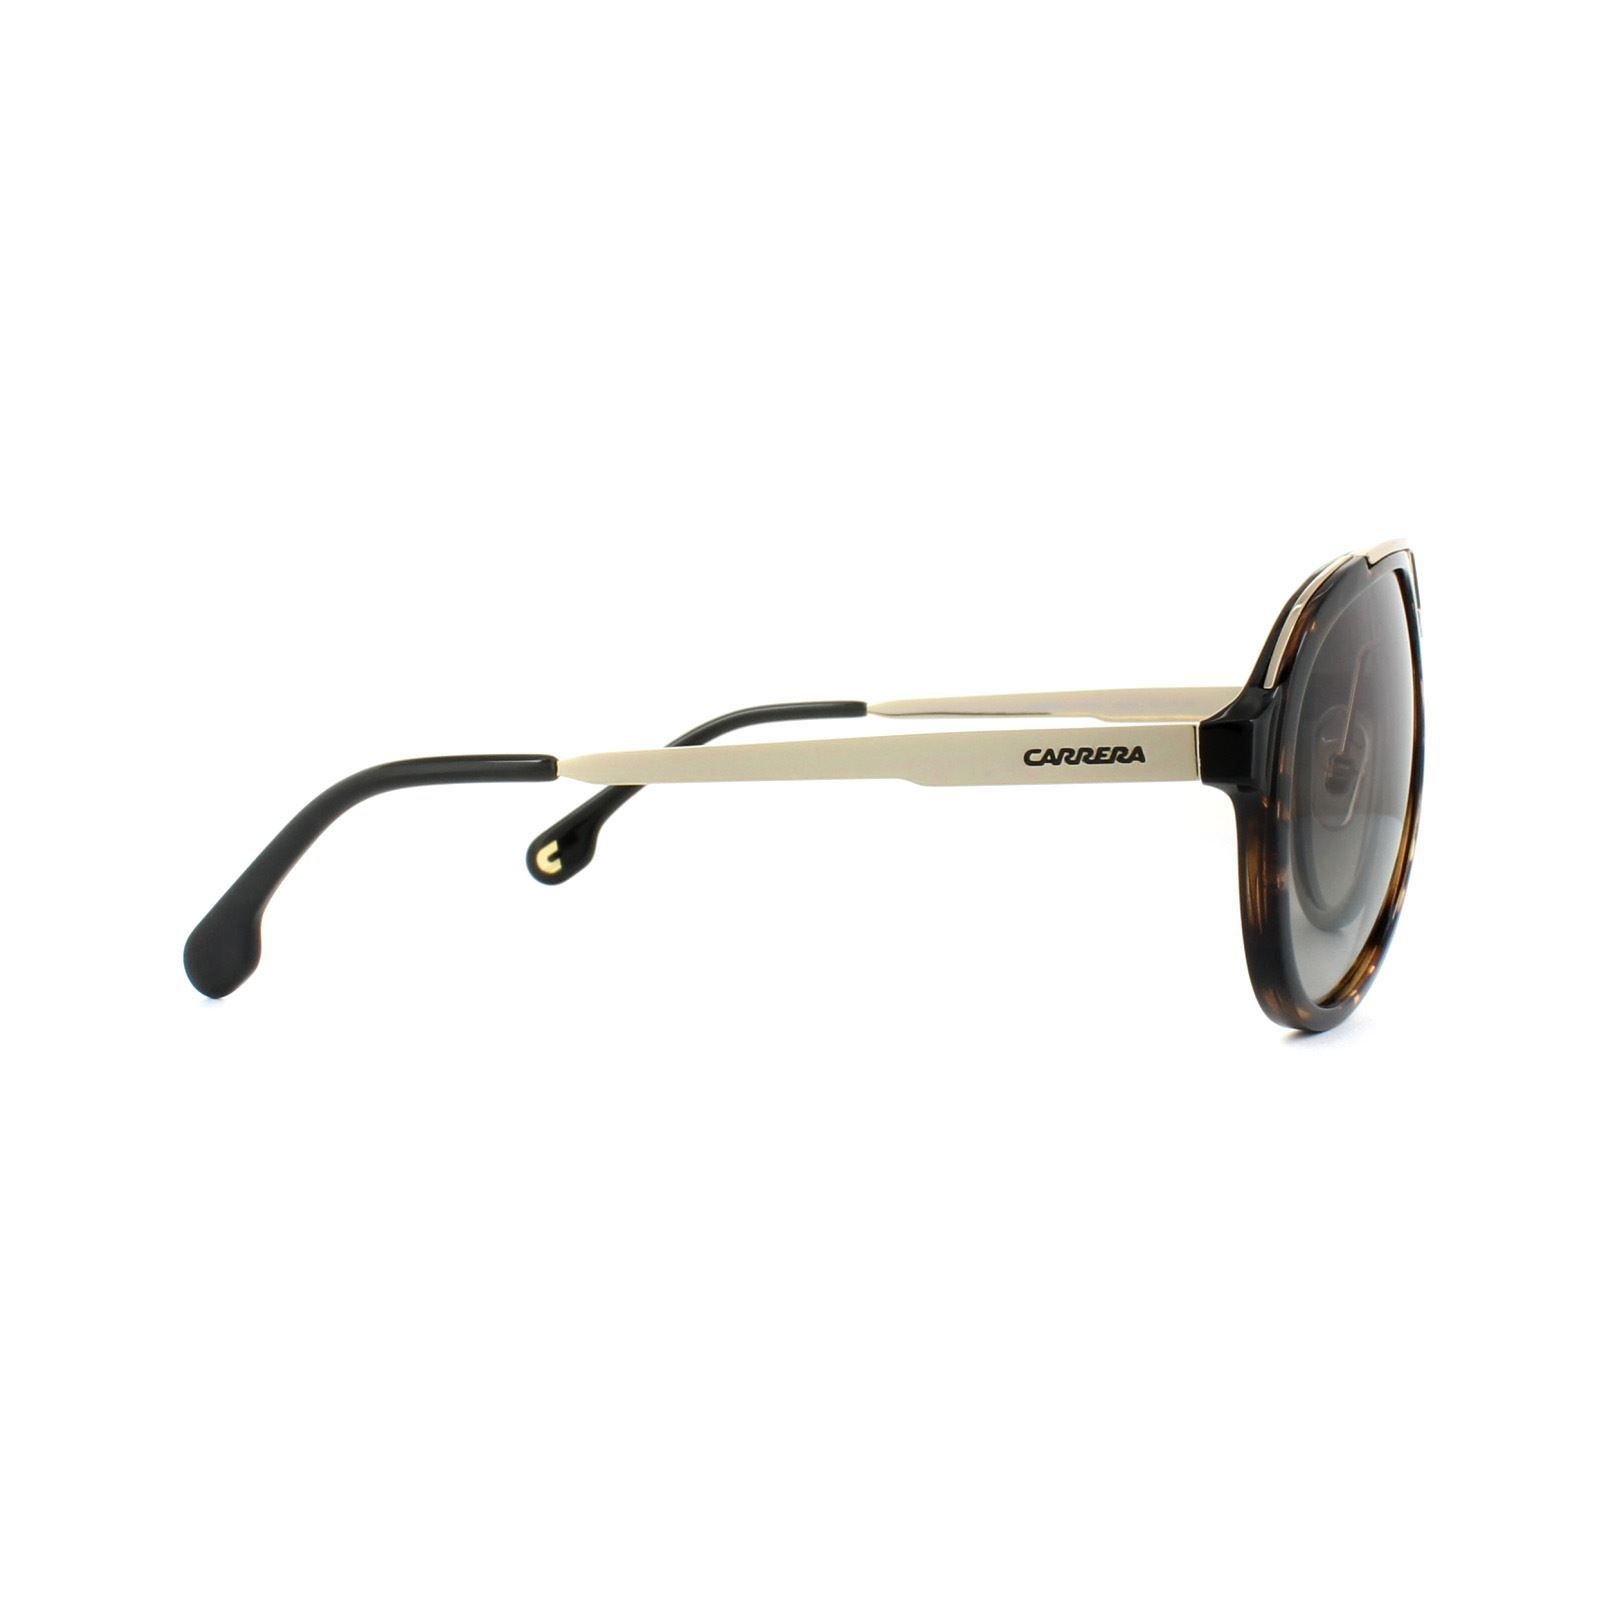 Carrera Sunglasses 1003/S 2IK HA Havana Gold Brown Gradient